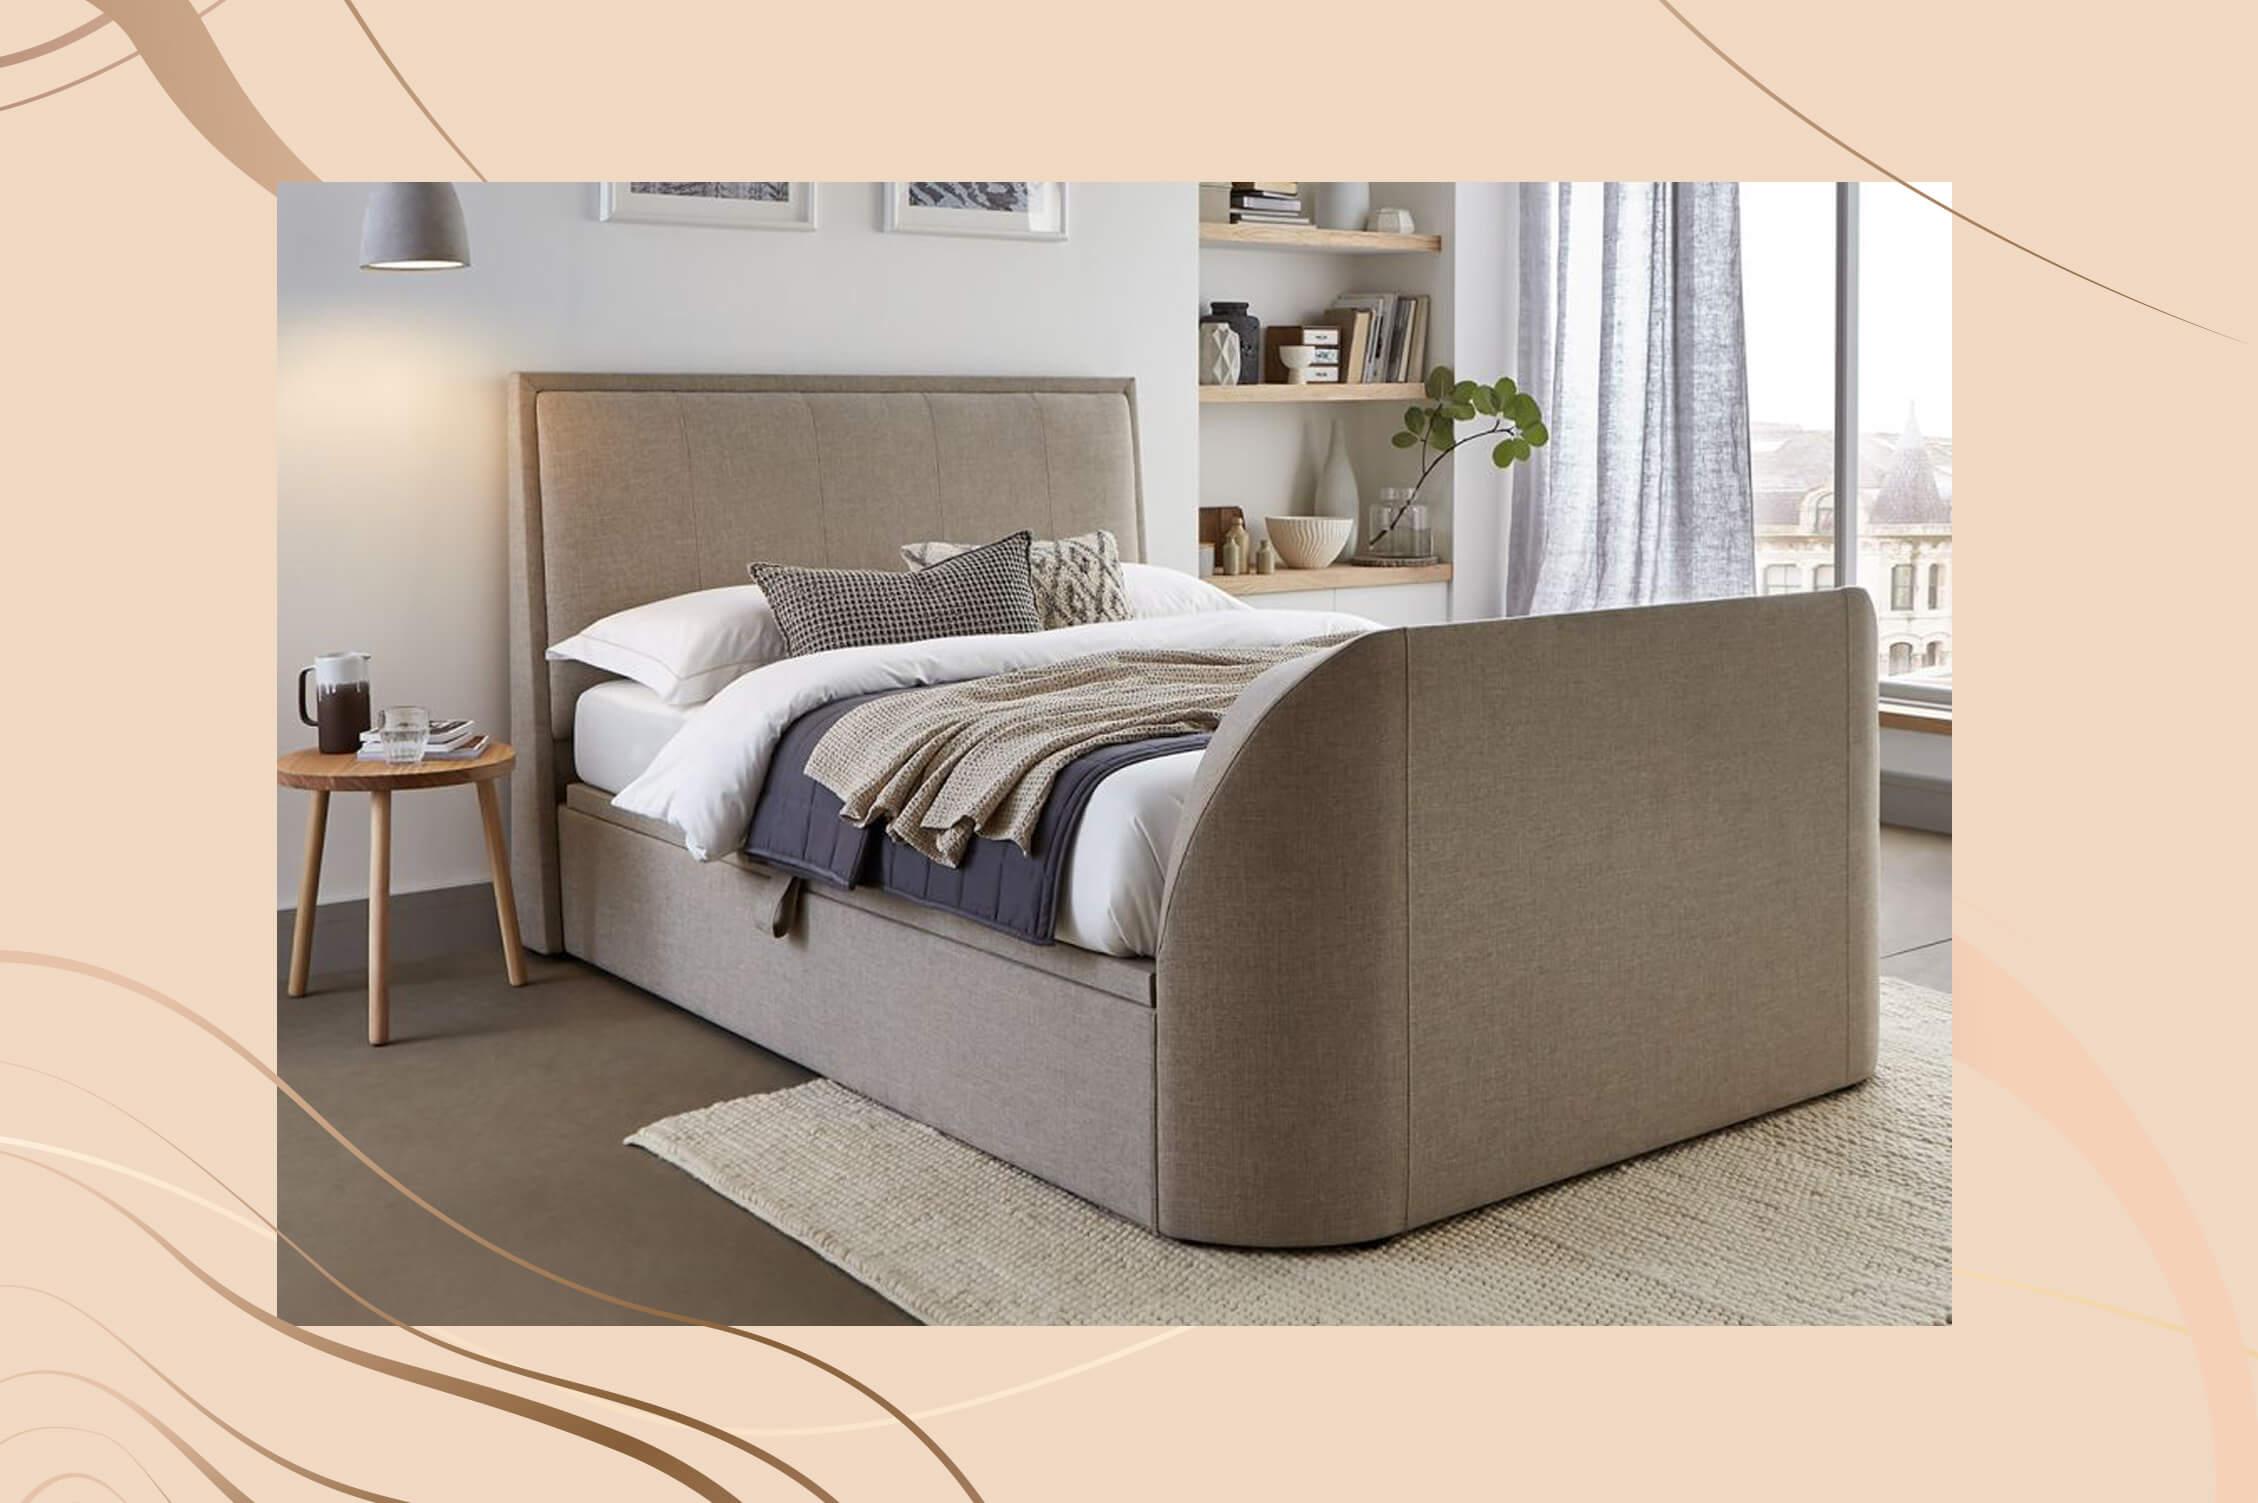 تخت خواب های چند منظوره